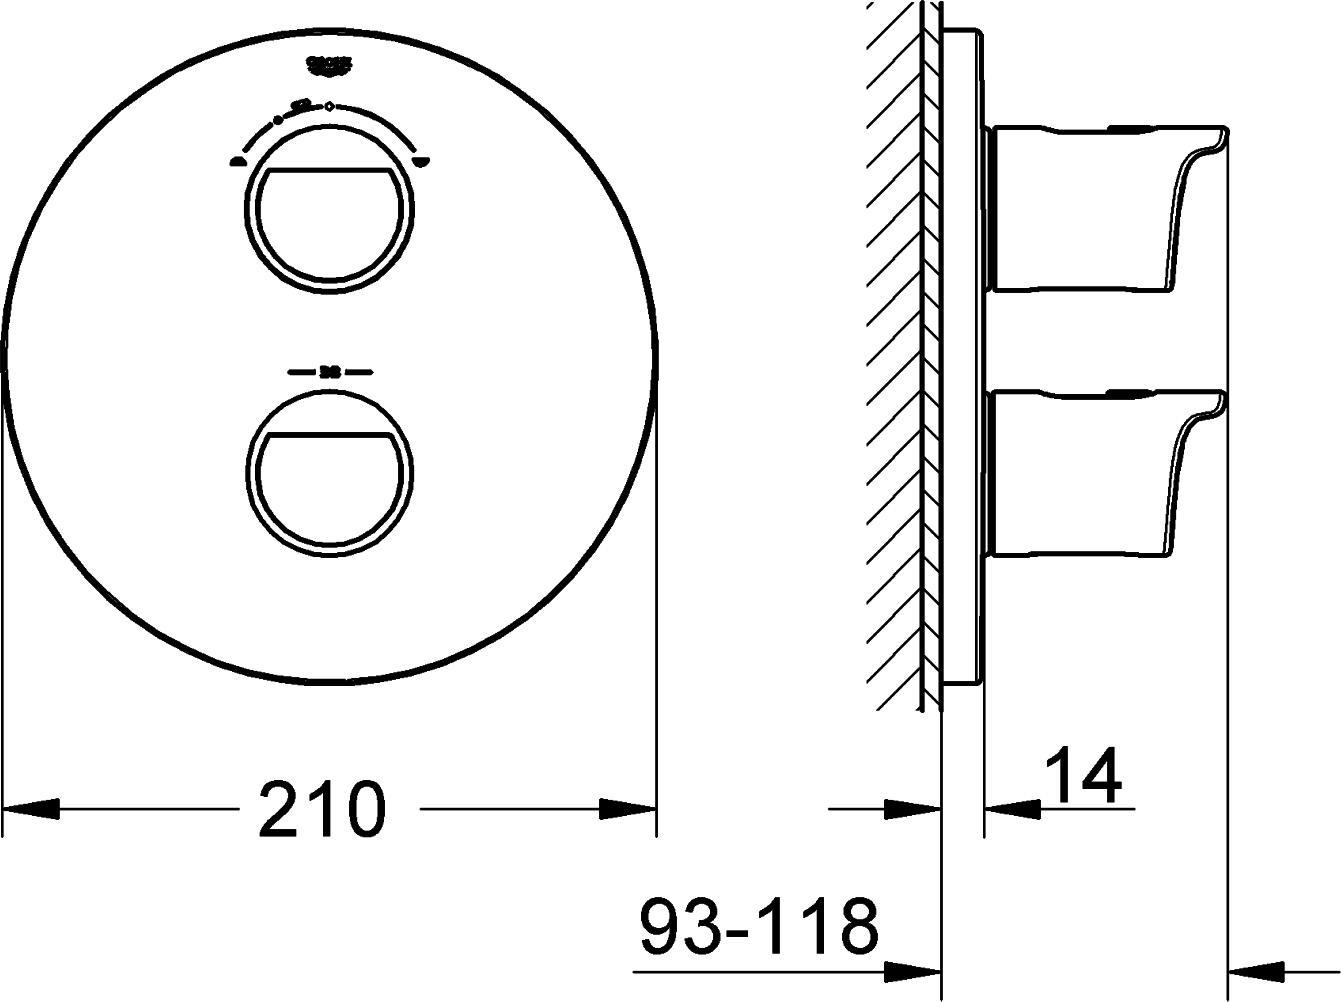 Fertigmontageset 19355001 GROHE Grohtherm 2000 Thermostat mit integrierter 2-Wege-Umstellung f/ür Wanne oder Dusche mit mehr als einer Brause